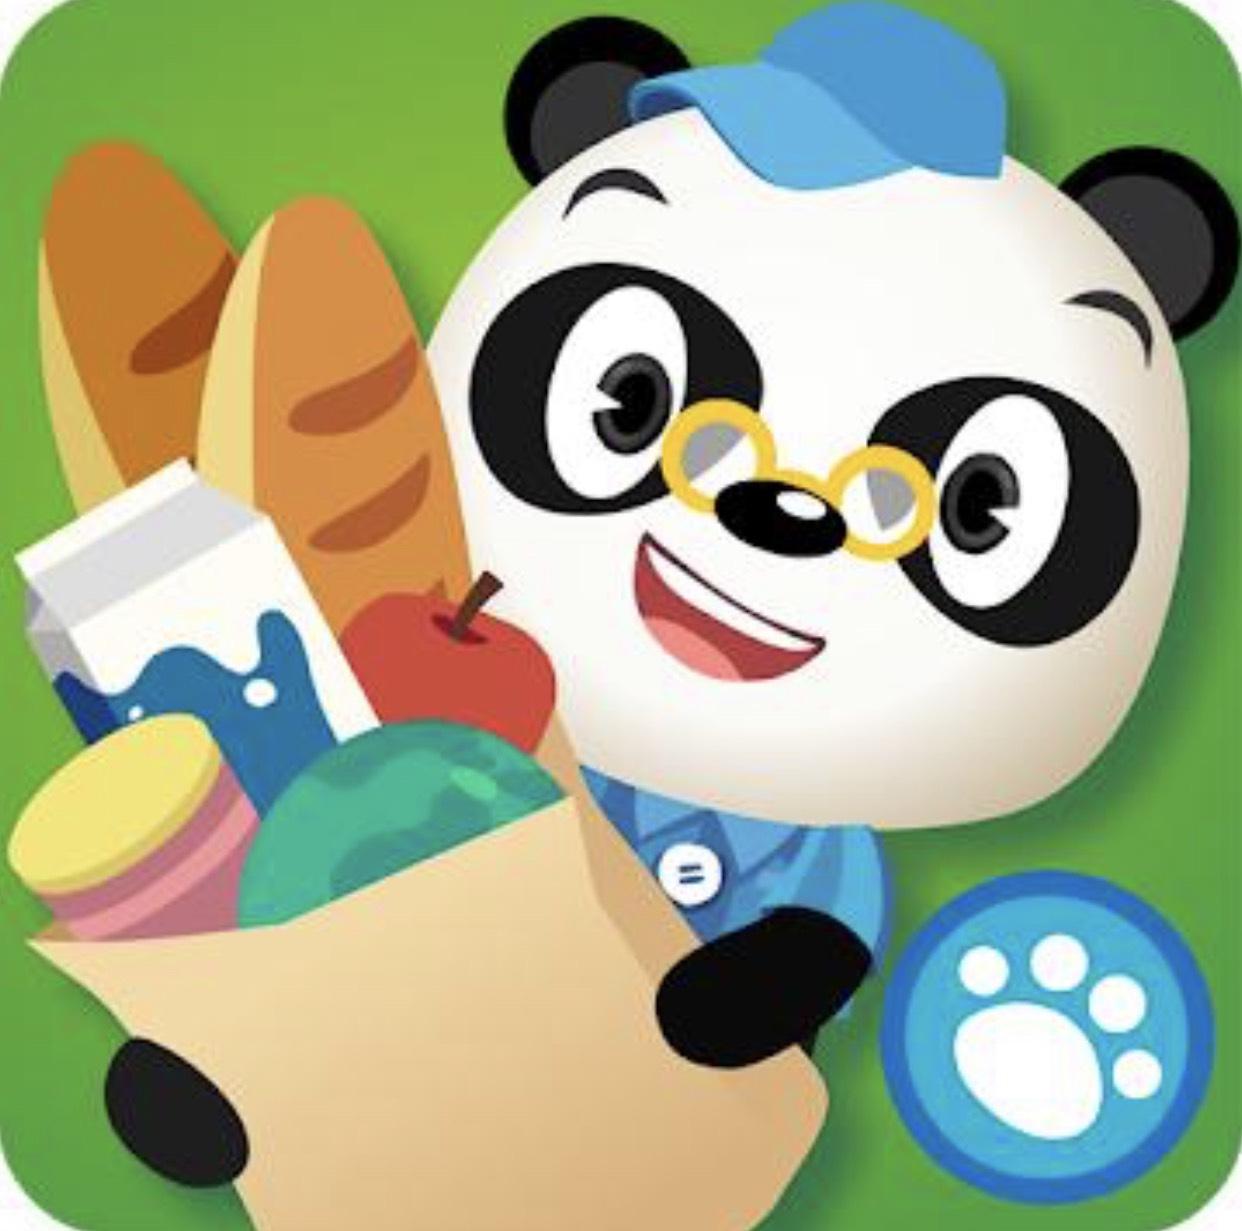 Dr. Panda Supermarkt für iOS und Android